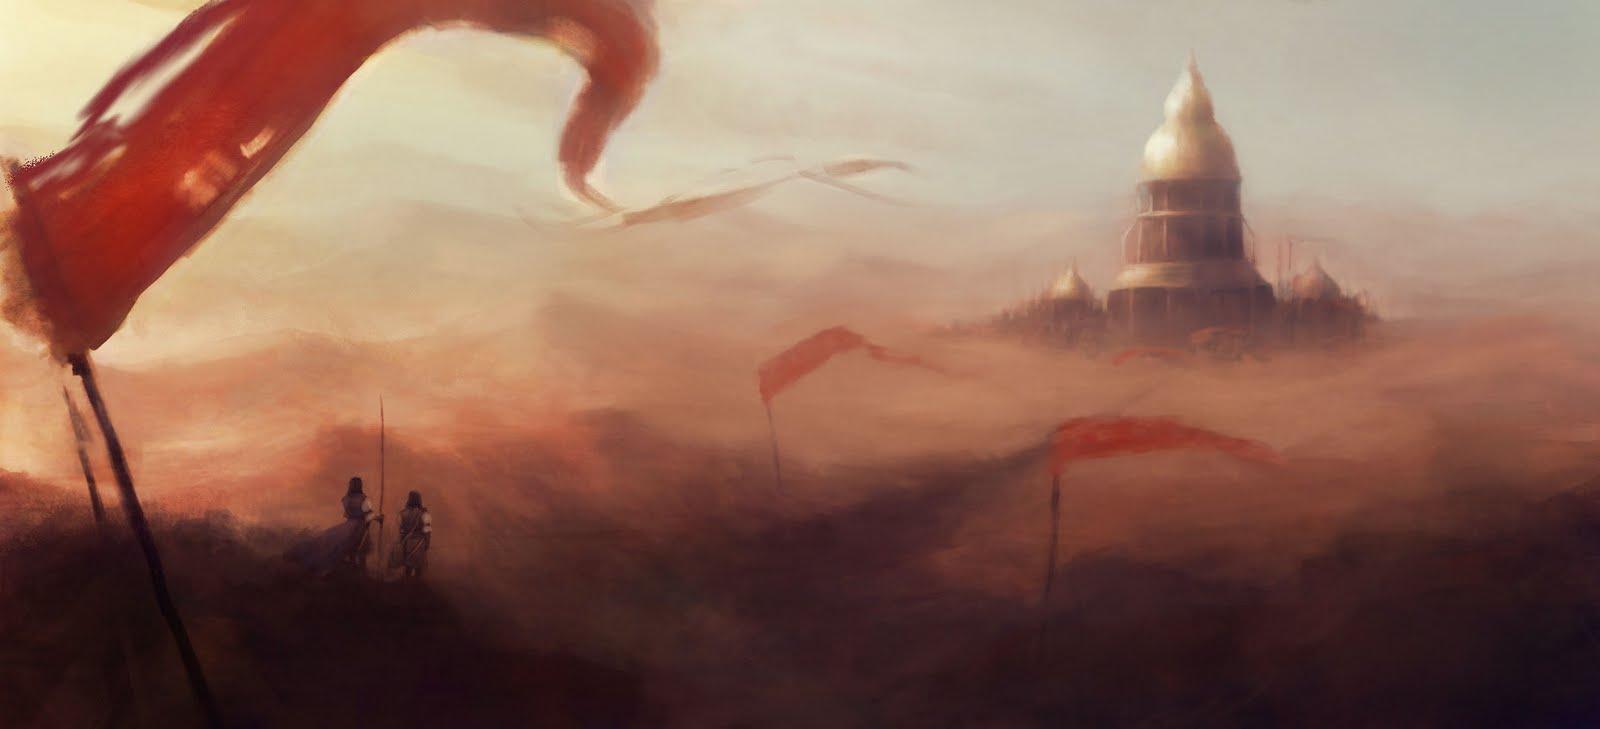 Khinasi guerre